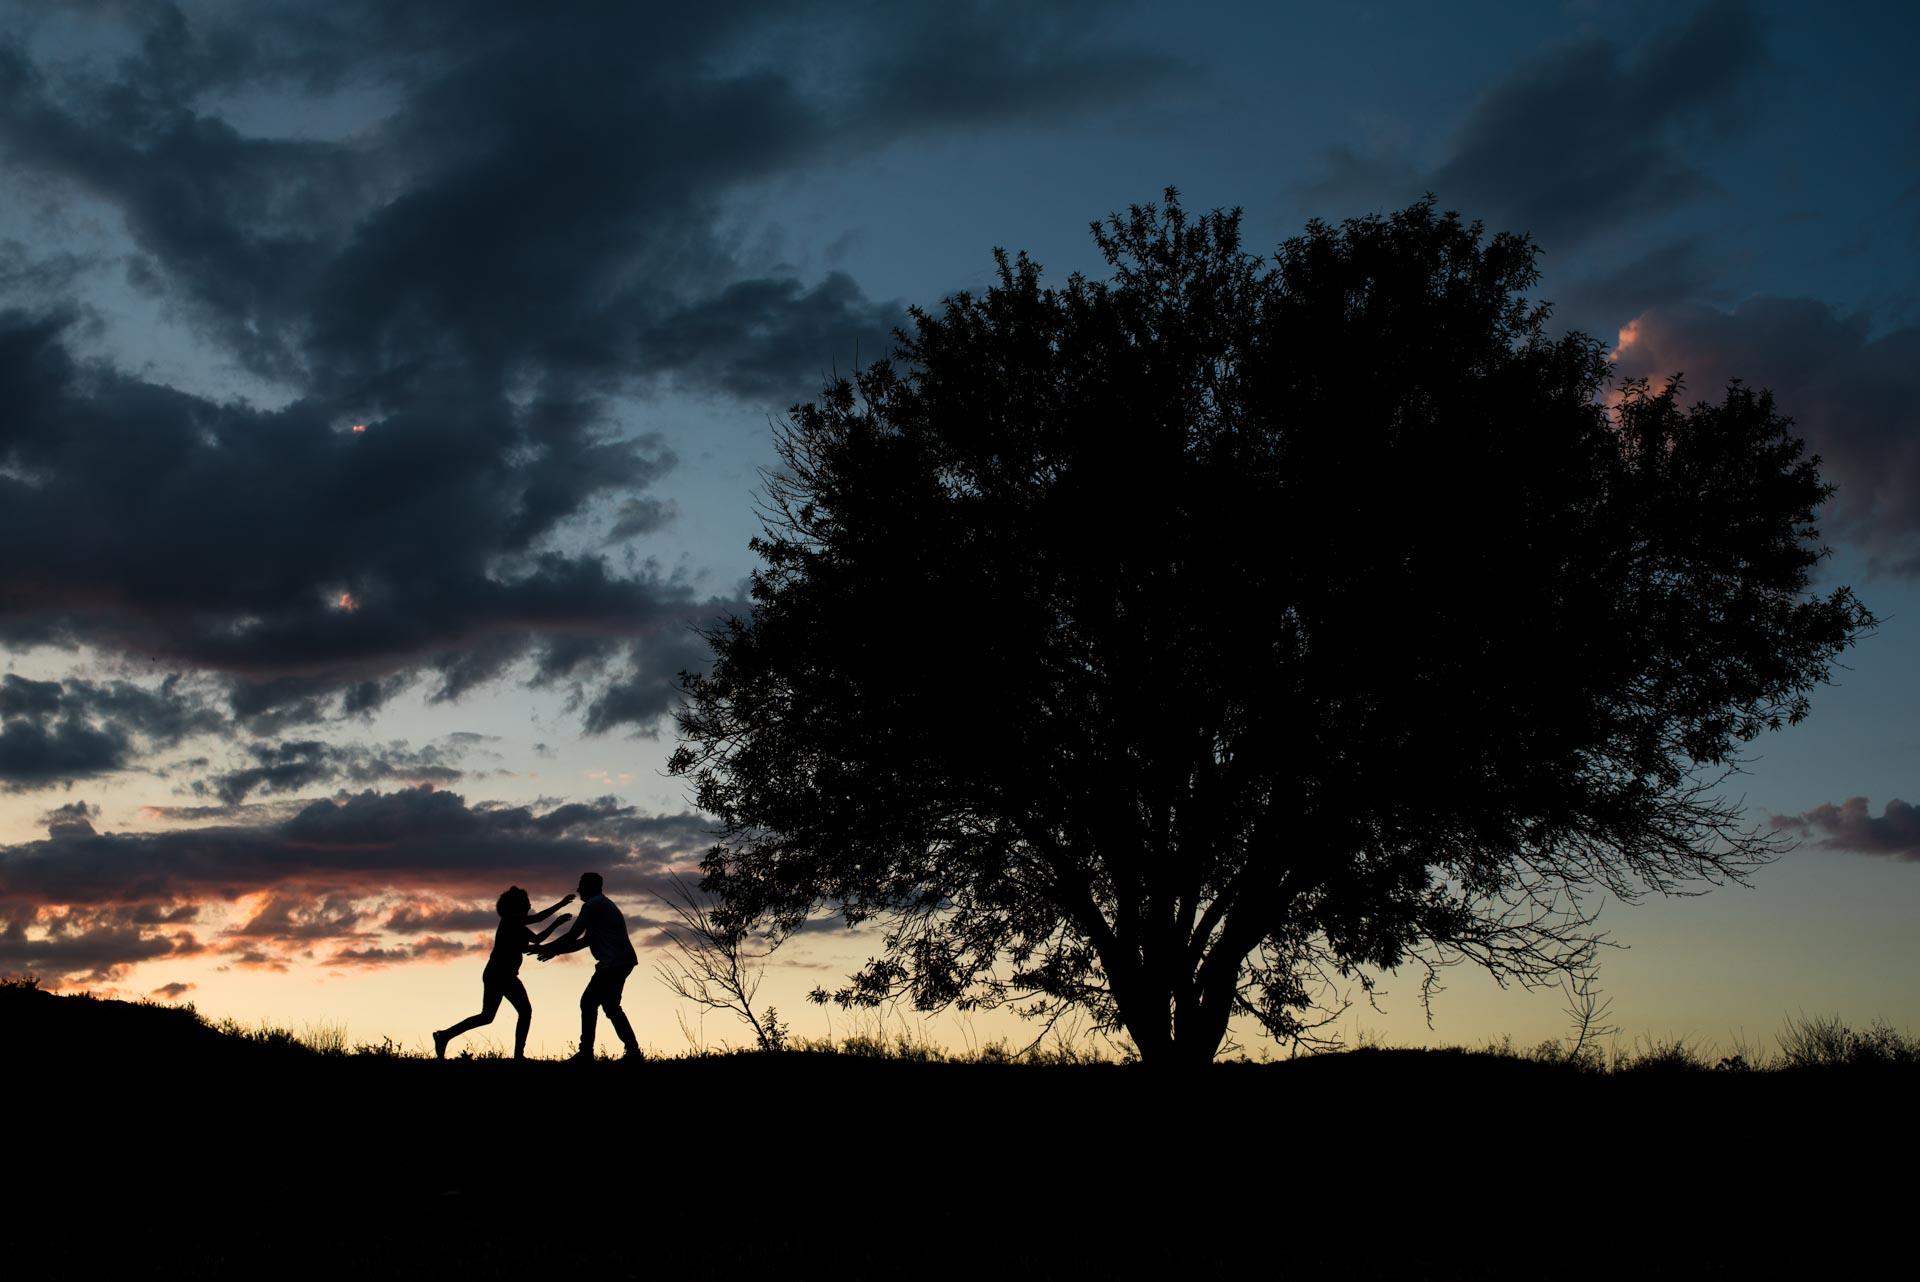 Preboda Laguna de Duero Valladolid. Book de boda